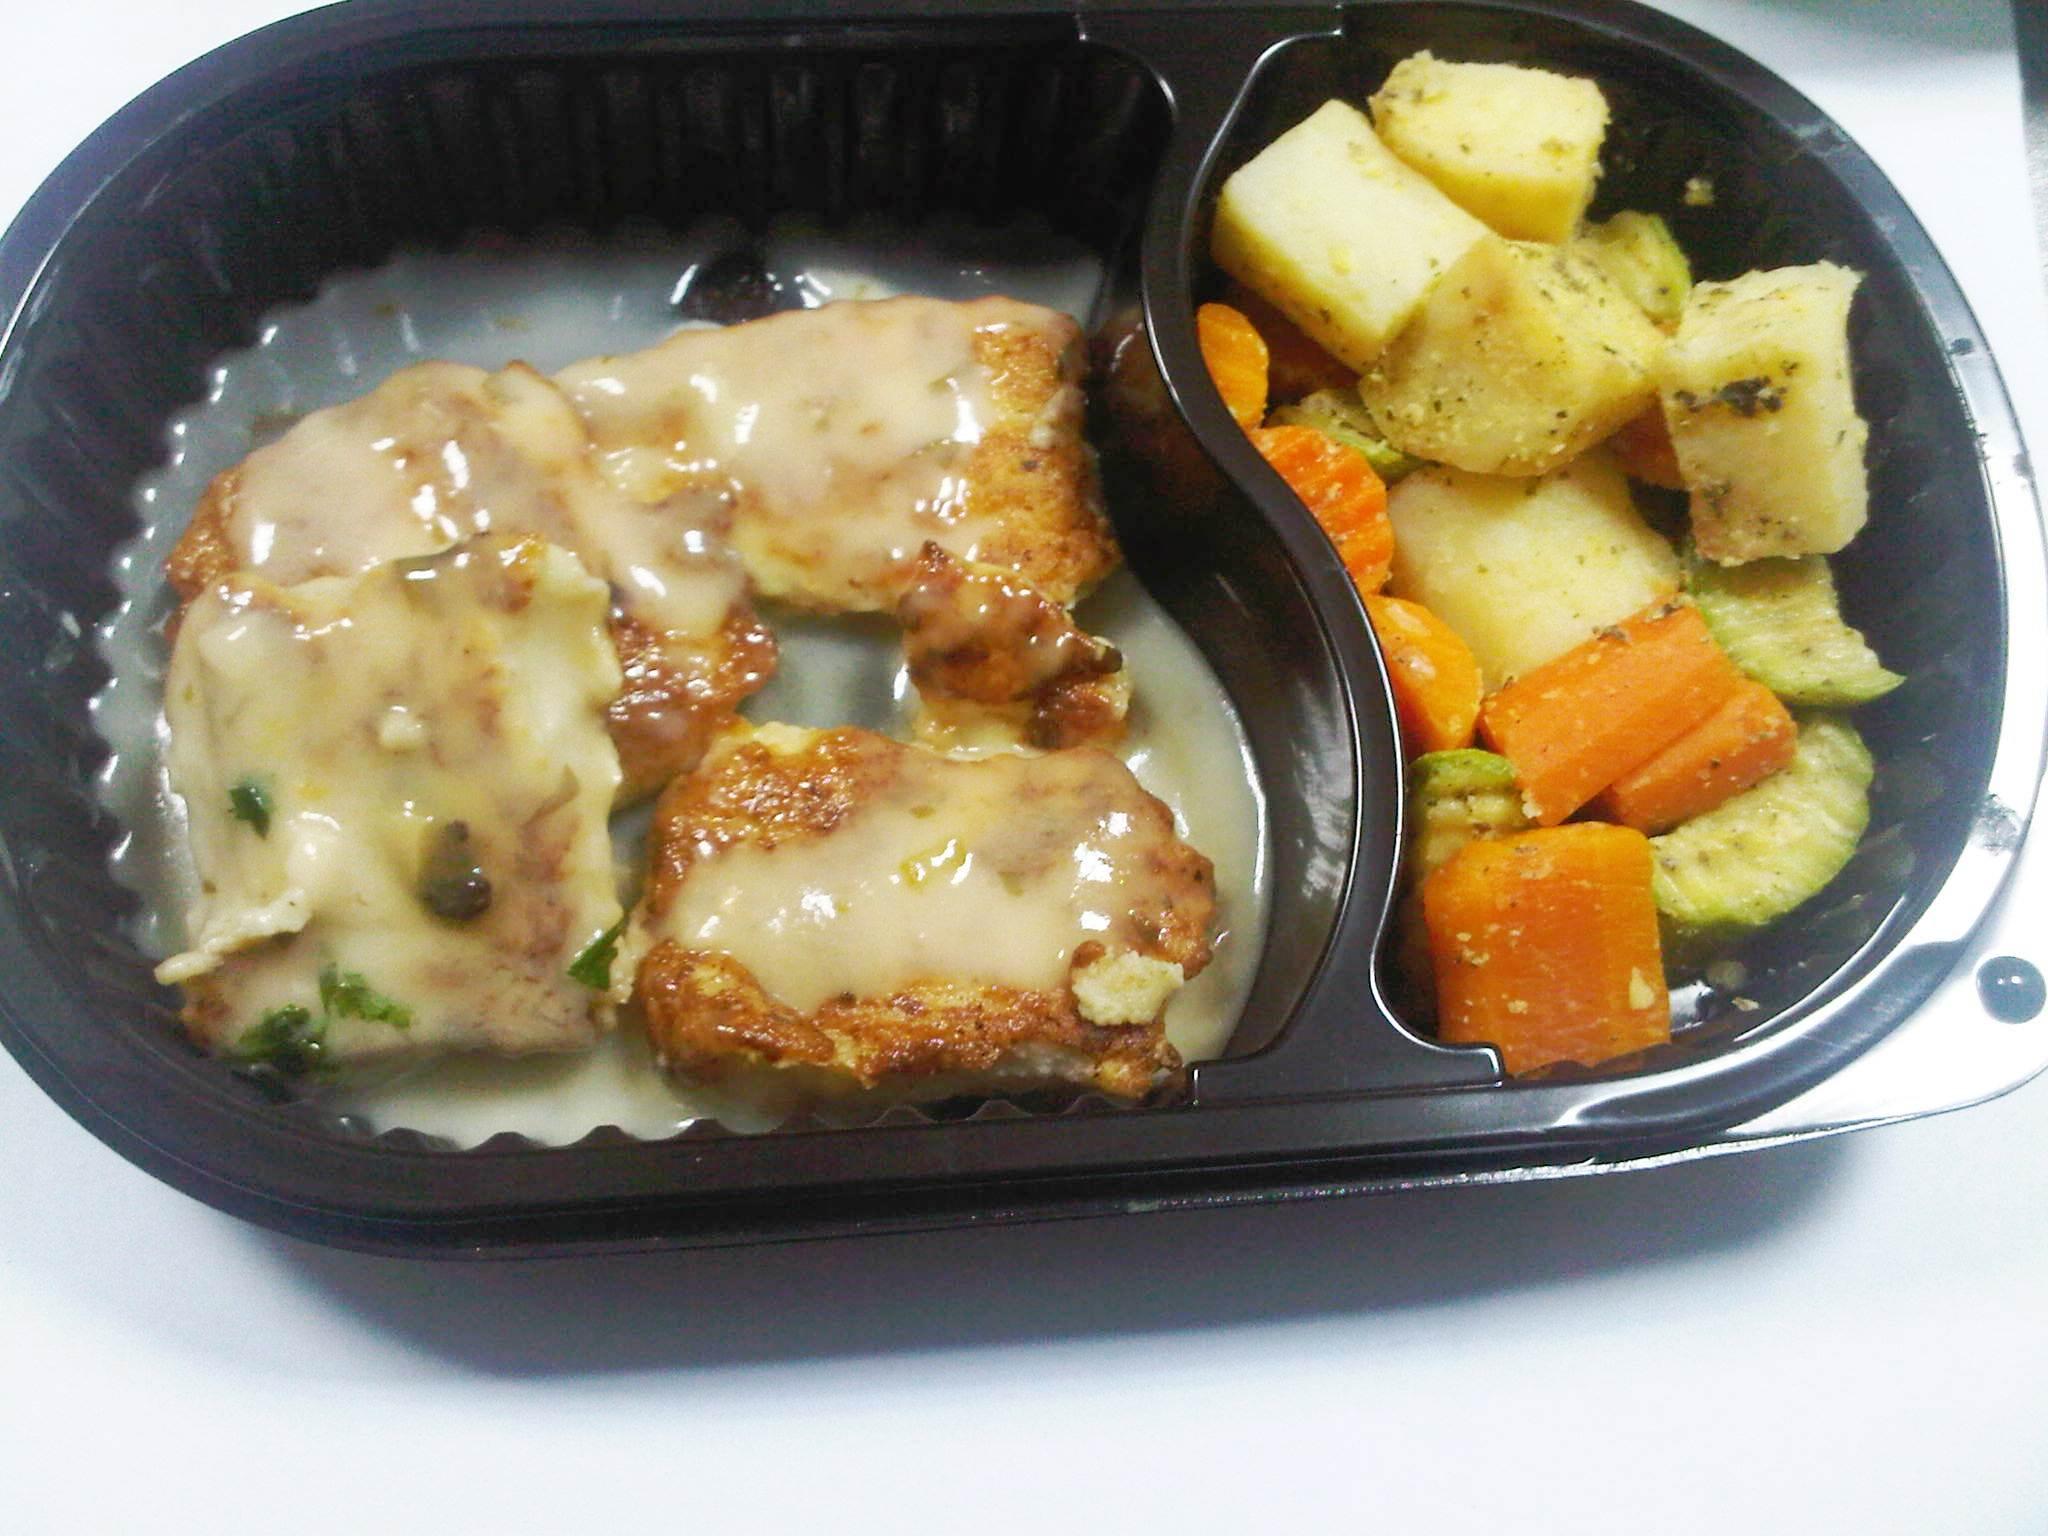 صور وجبات دايت , وجبات دايت سريعة للجامعة